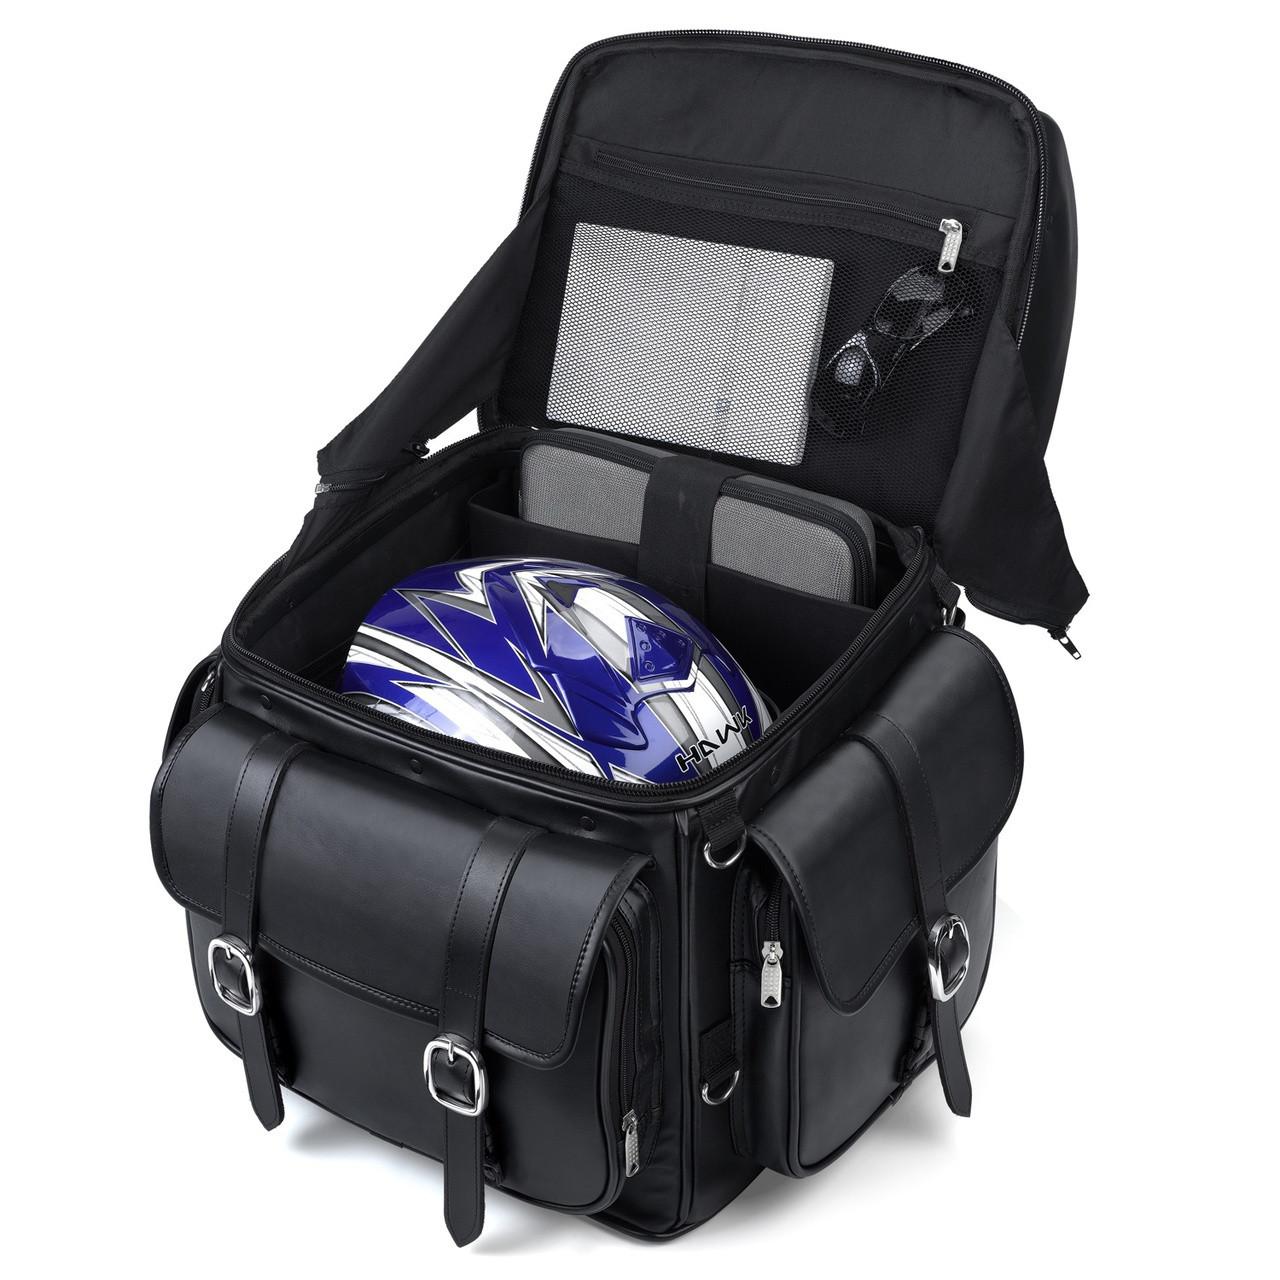 Harley Davidson Leather Backrest Motorcycle Sissy Bar Bag